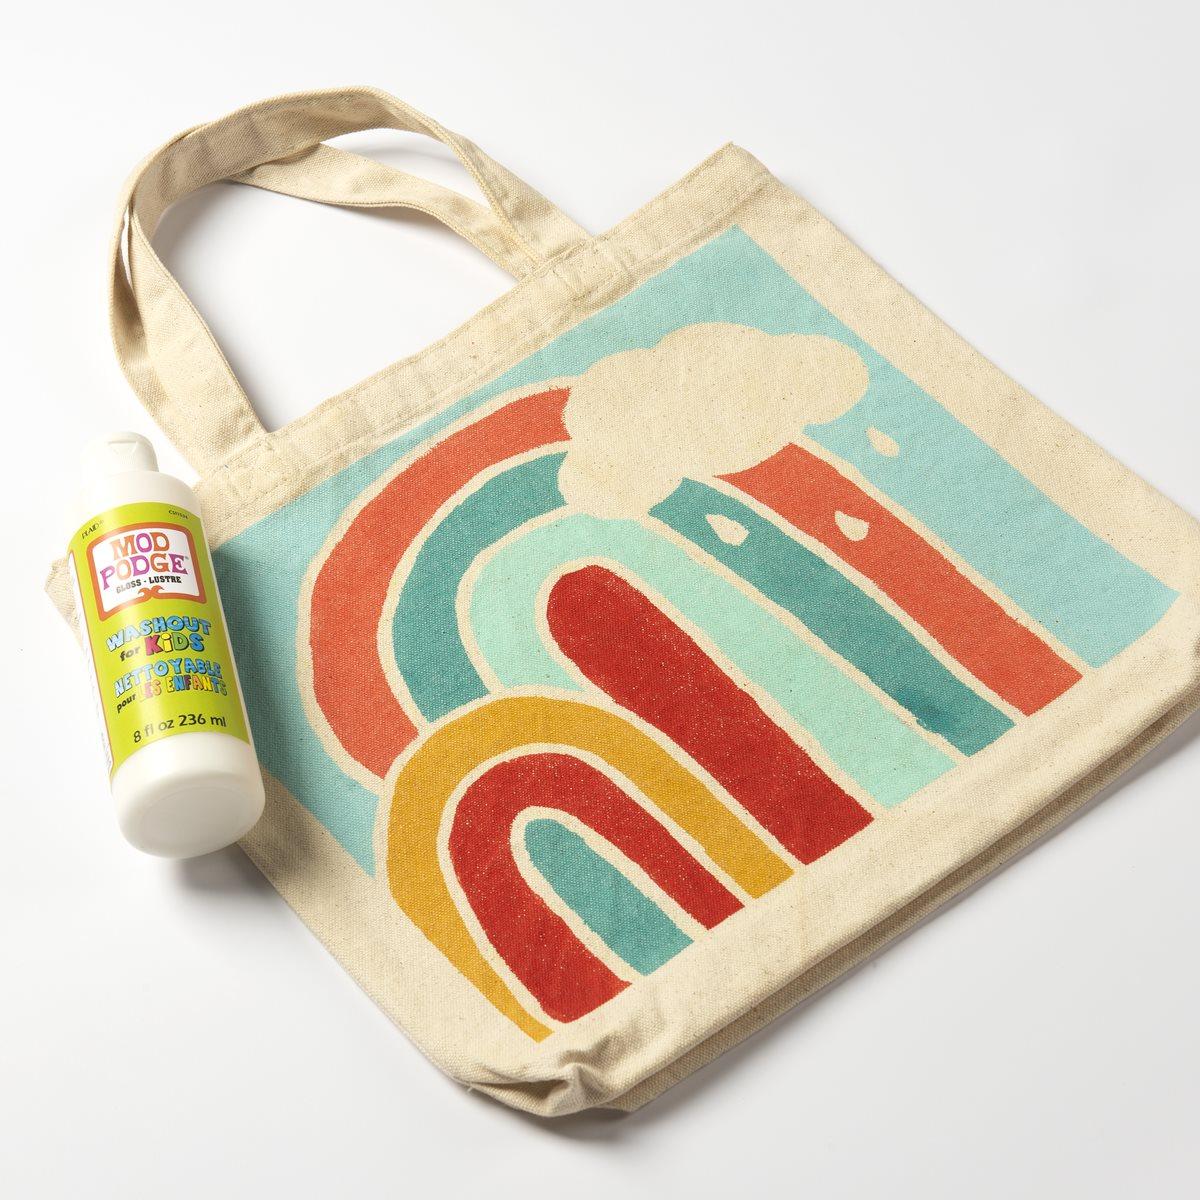 Mod Podge Kids Wash Out Tote Bag